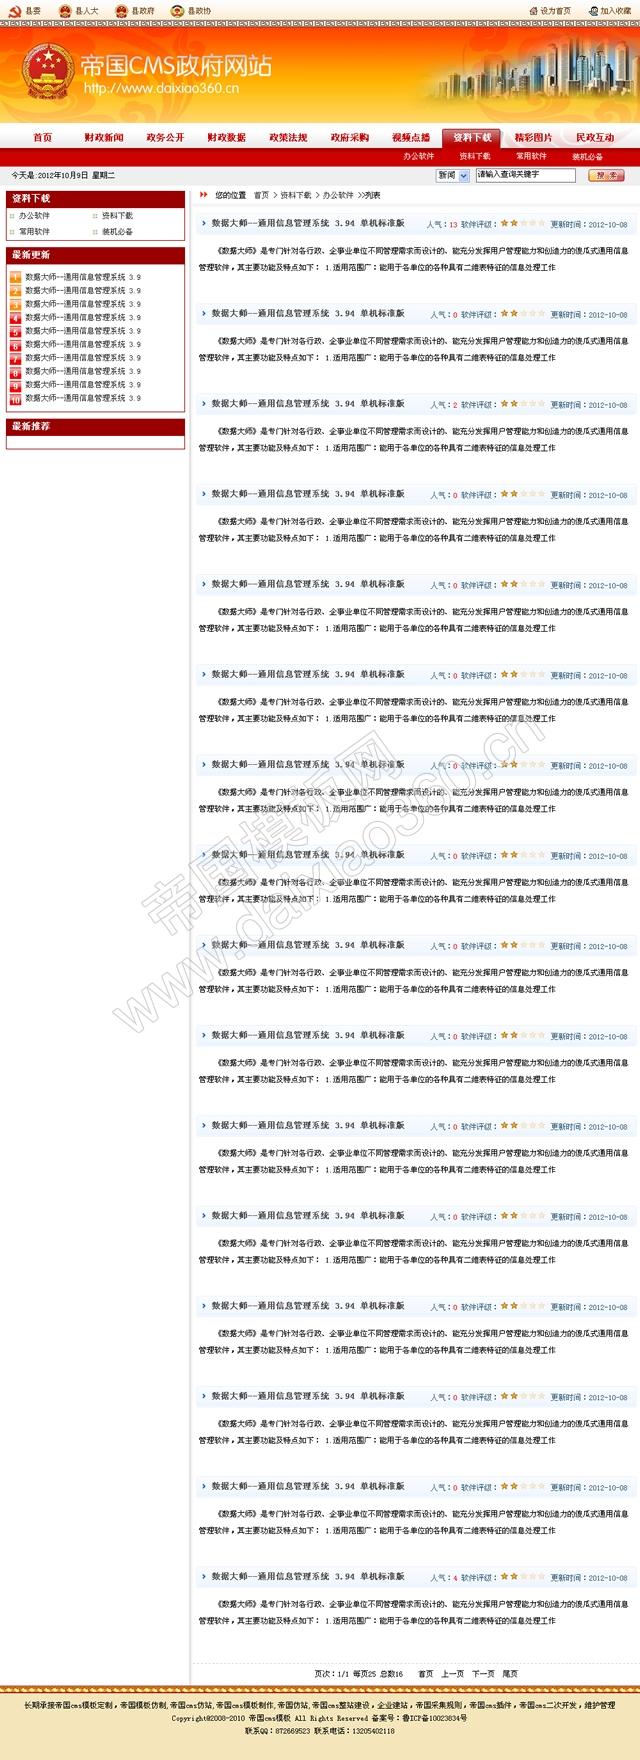 帝国cms红色政府网站模板,政府网站源码_下载列表